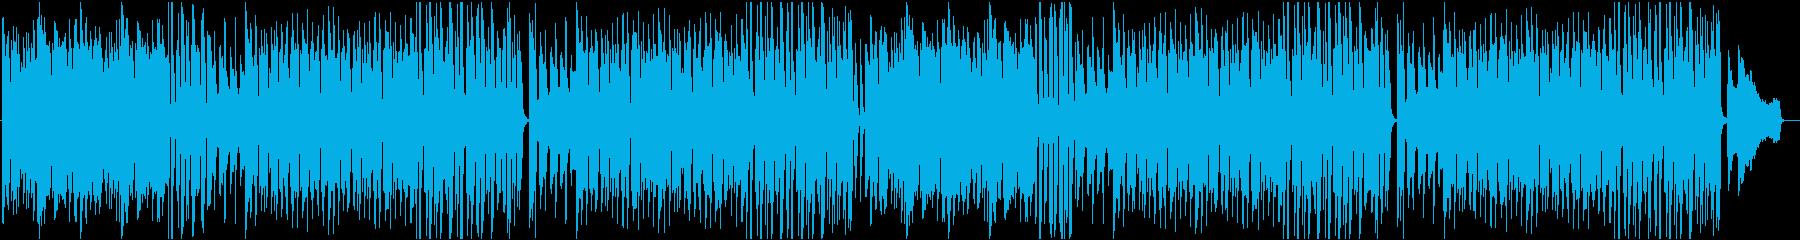 シンプルで軽快な明るいピアノ曲の再生済みの波形